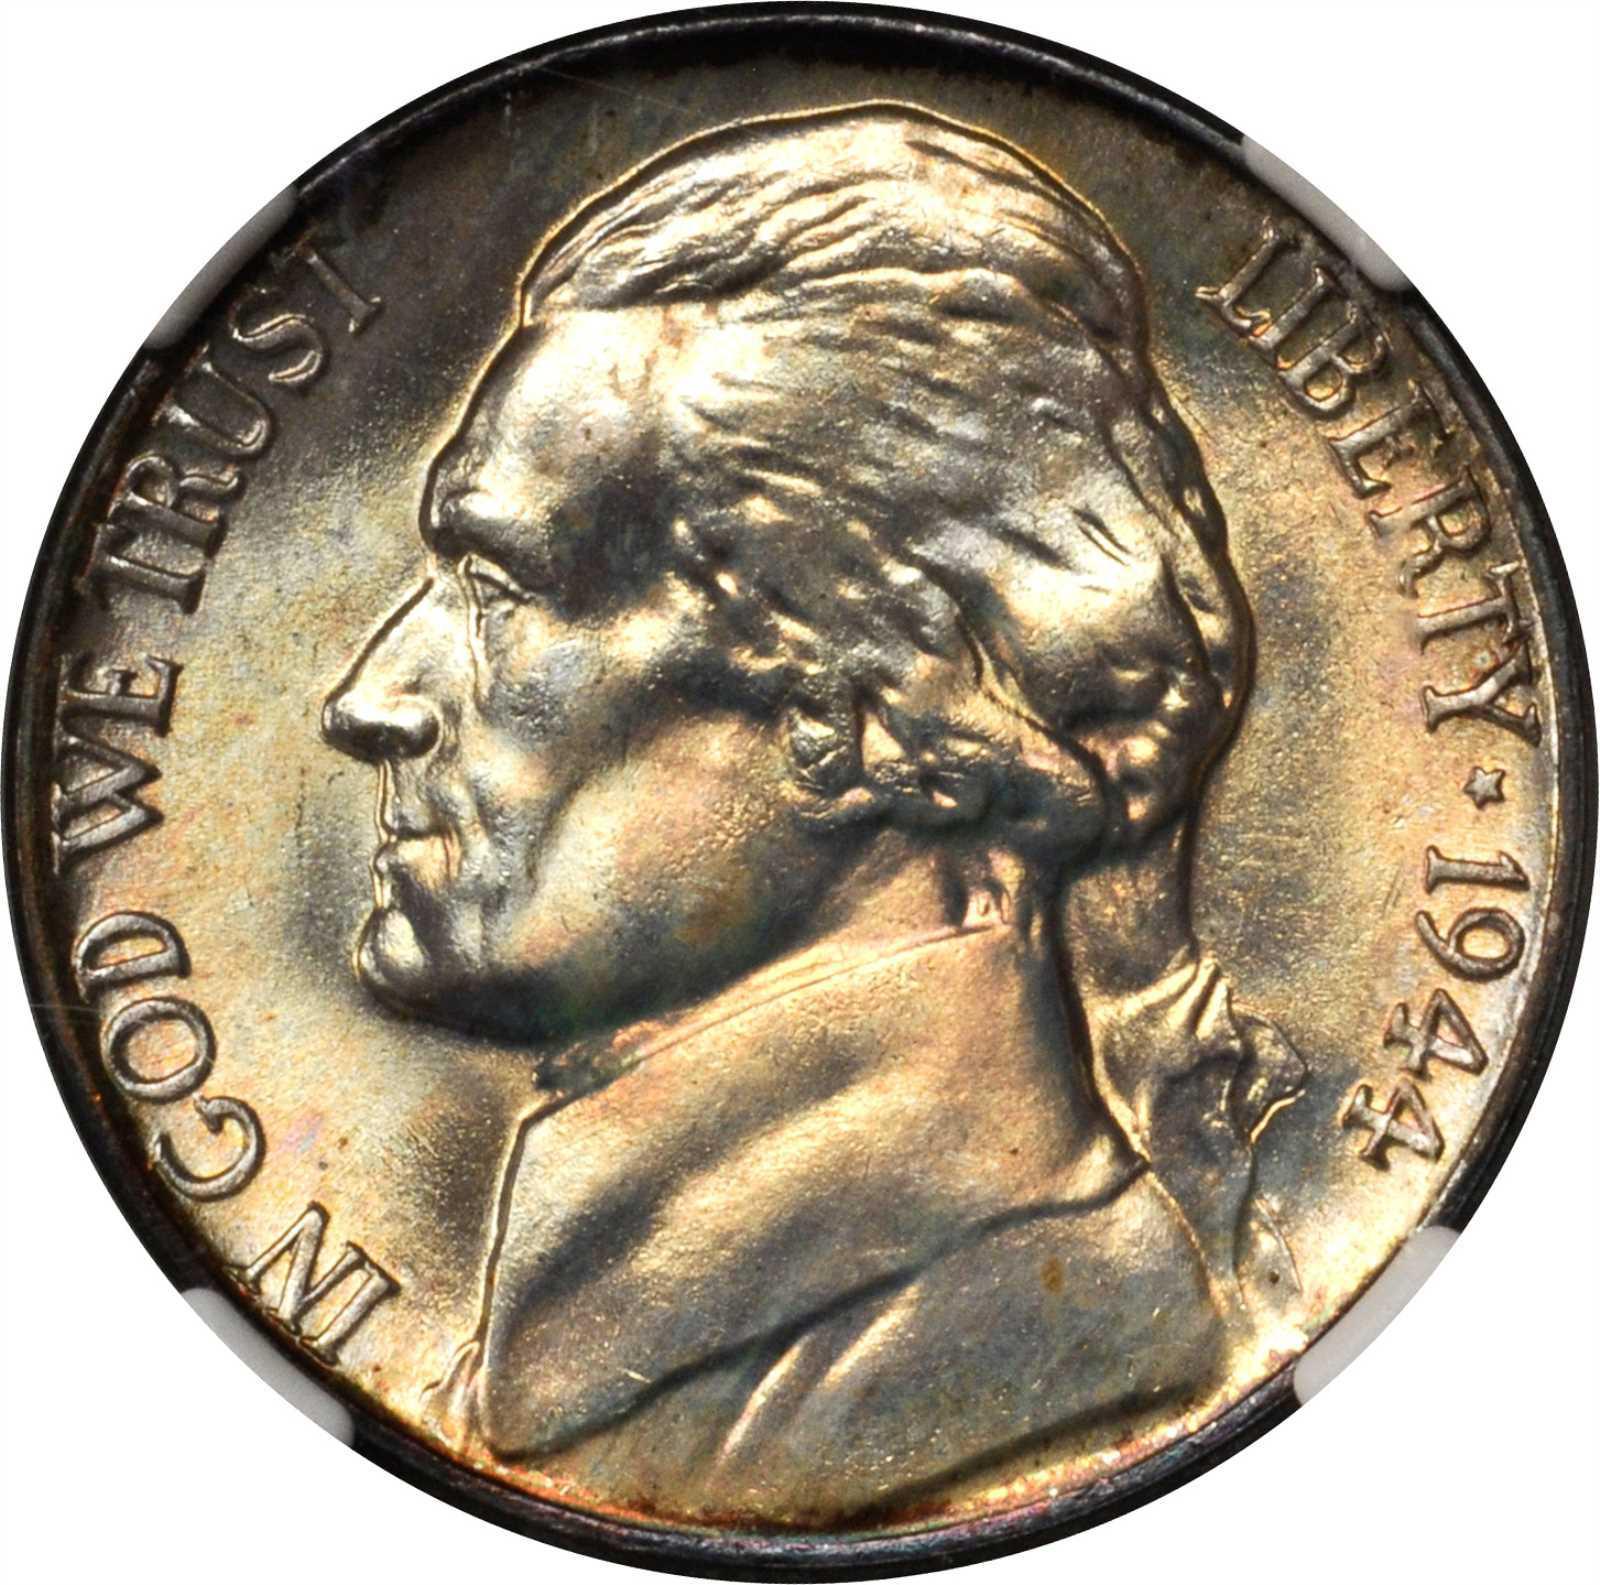 Value Of 1944 P Jefferson War Nickel